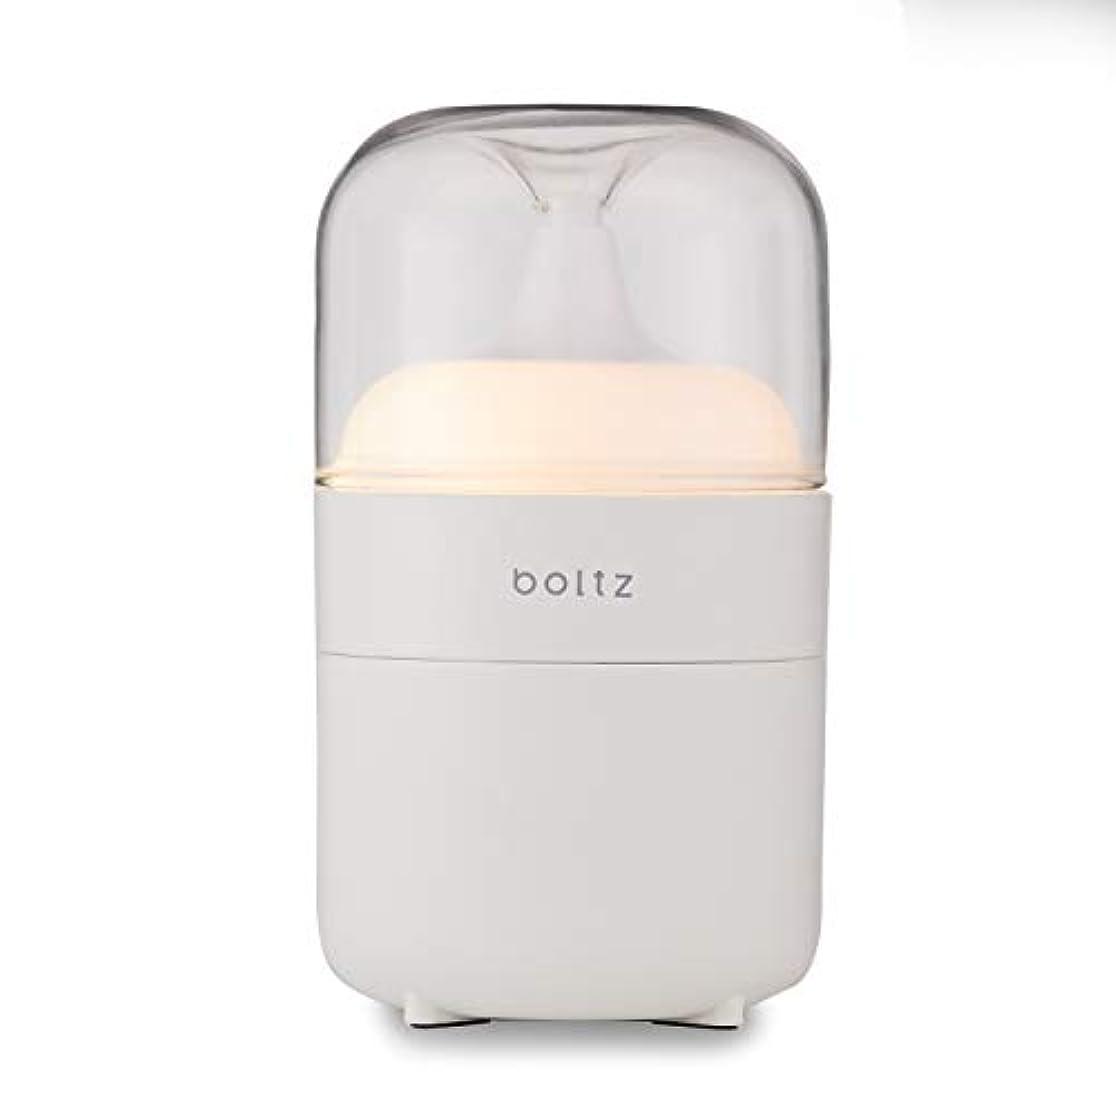 有限たくさんコインランドリーLOWYA boltz アロマディフューザー ネプライザー式 アロマオイル対応 間接照明 おしゃれ USB対応